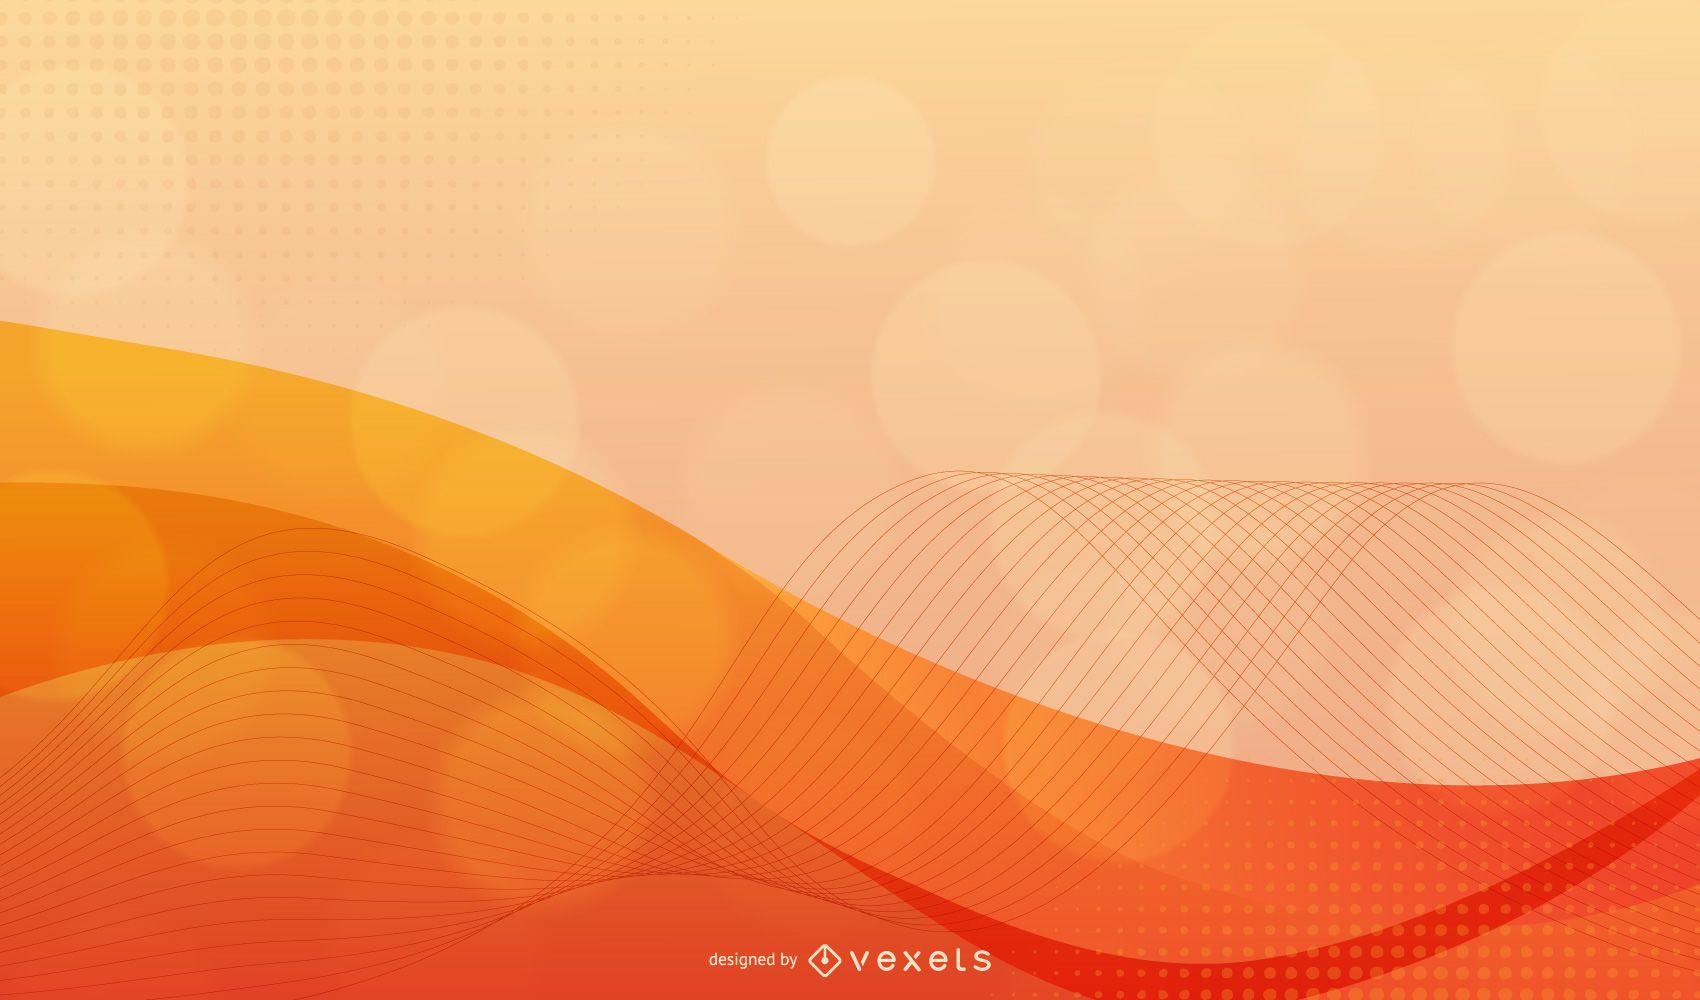 Fondo dinámico de onda roja naranja